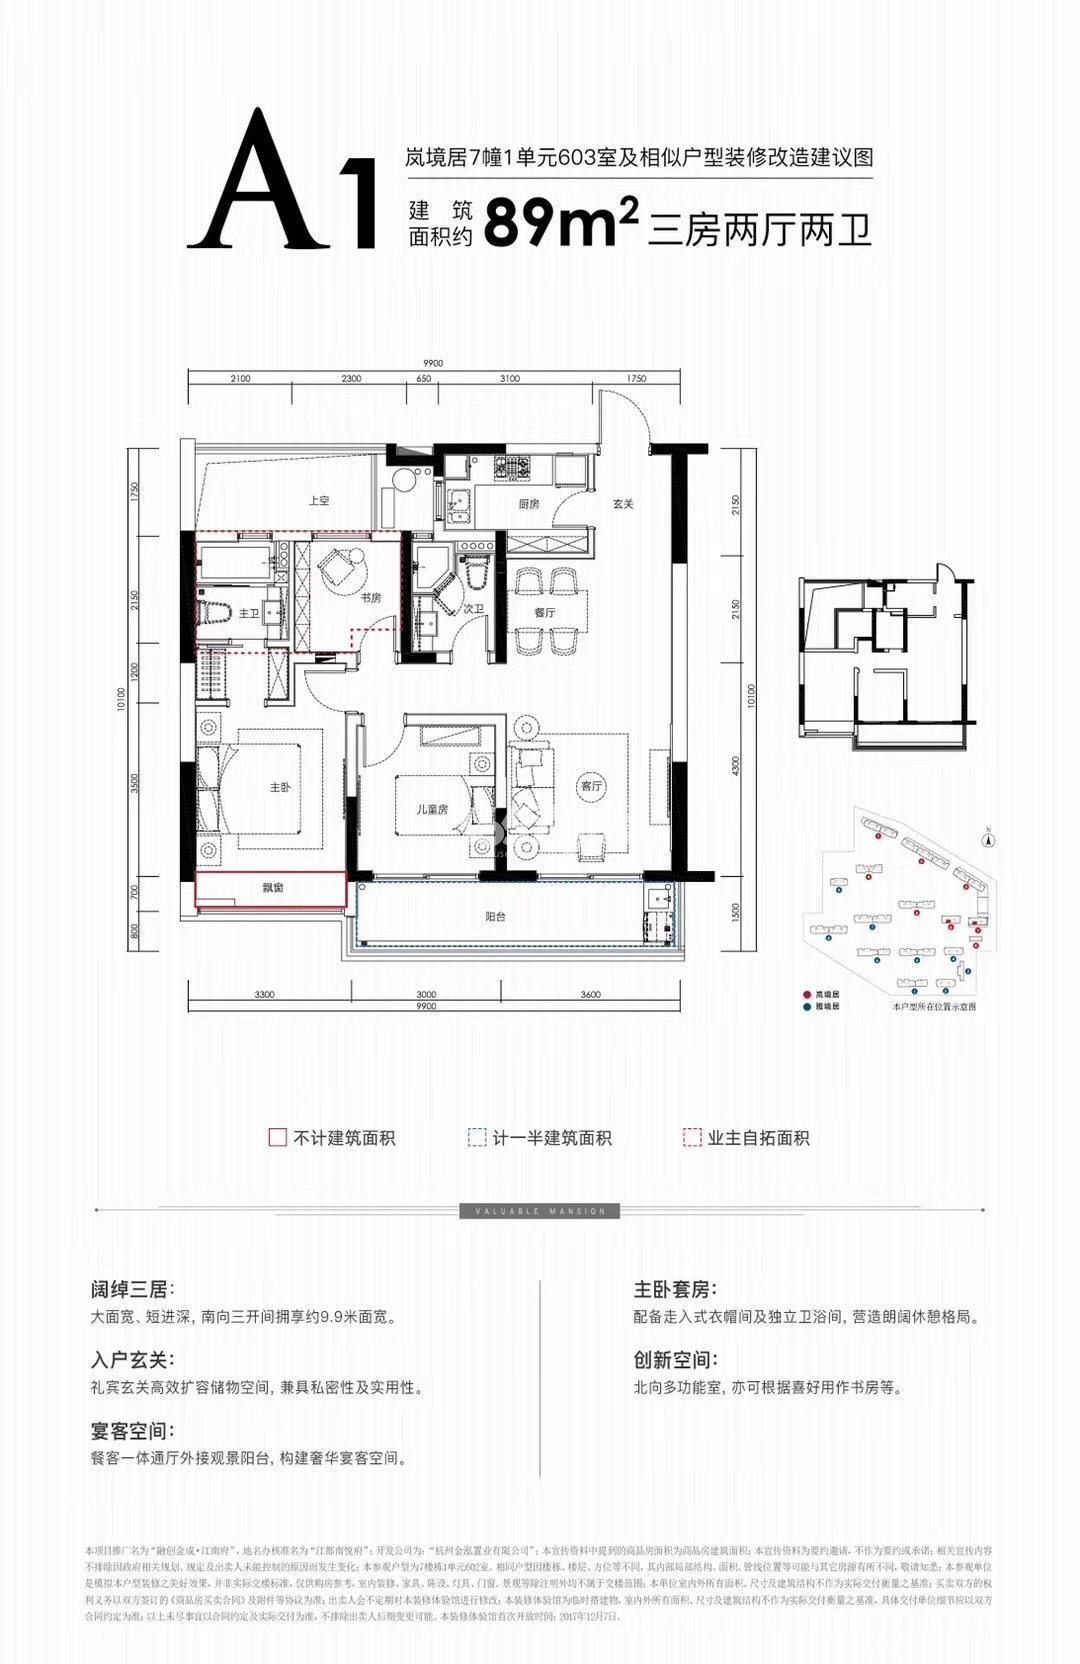 融创金成江南府6、7号楼A1户型89方